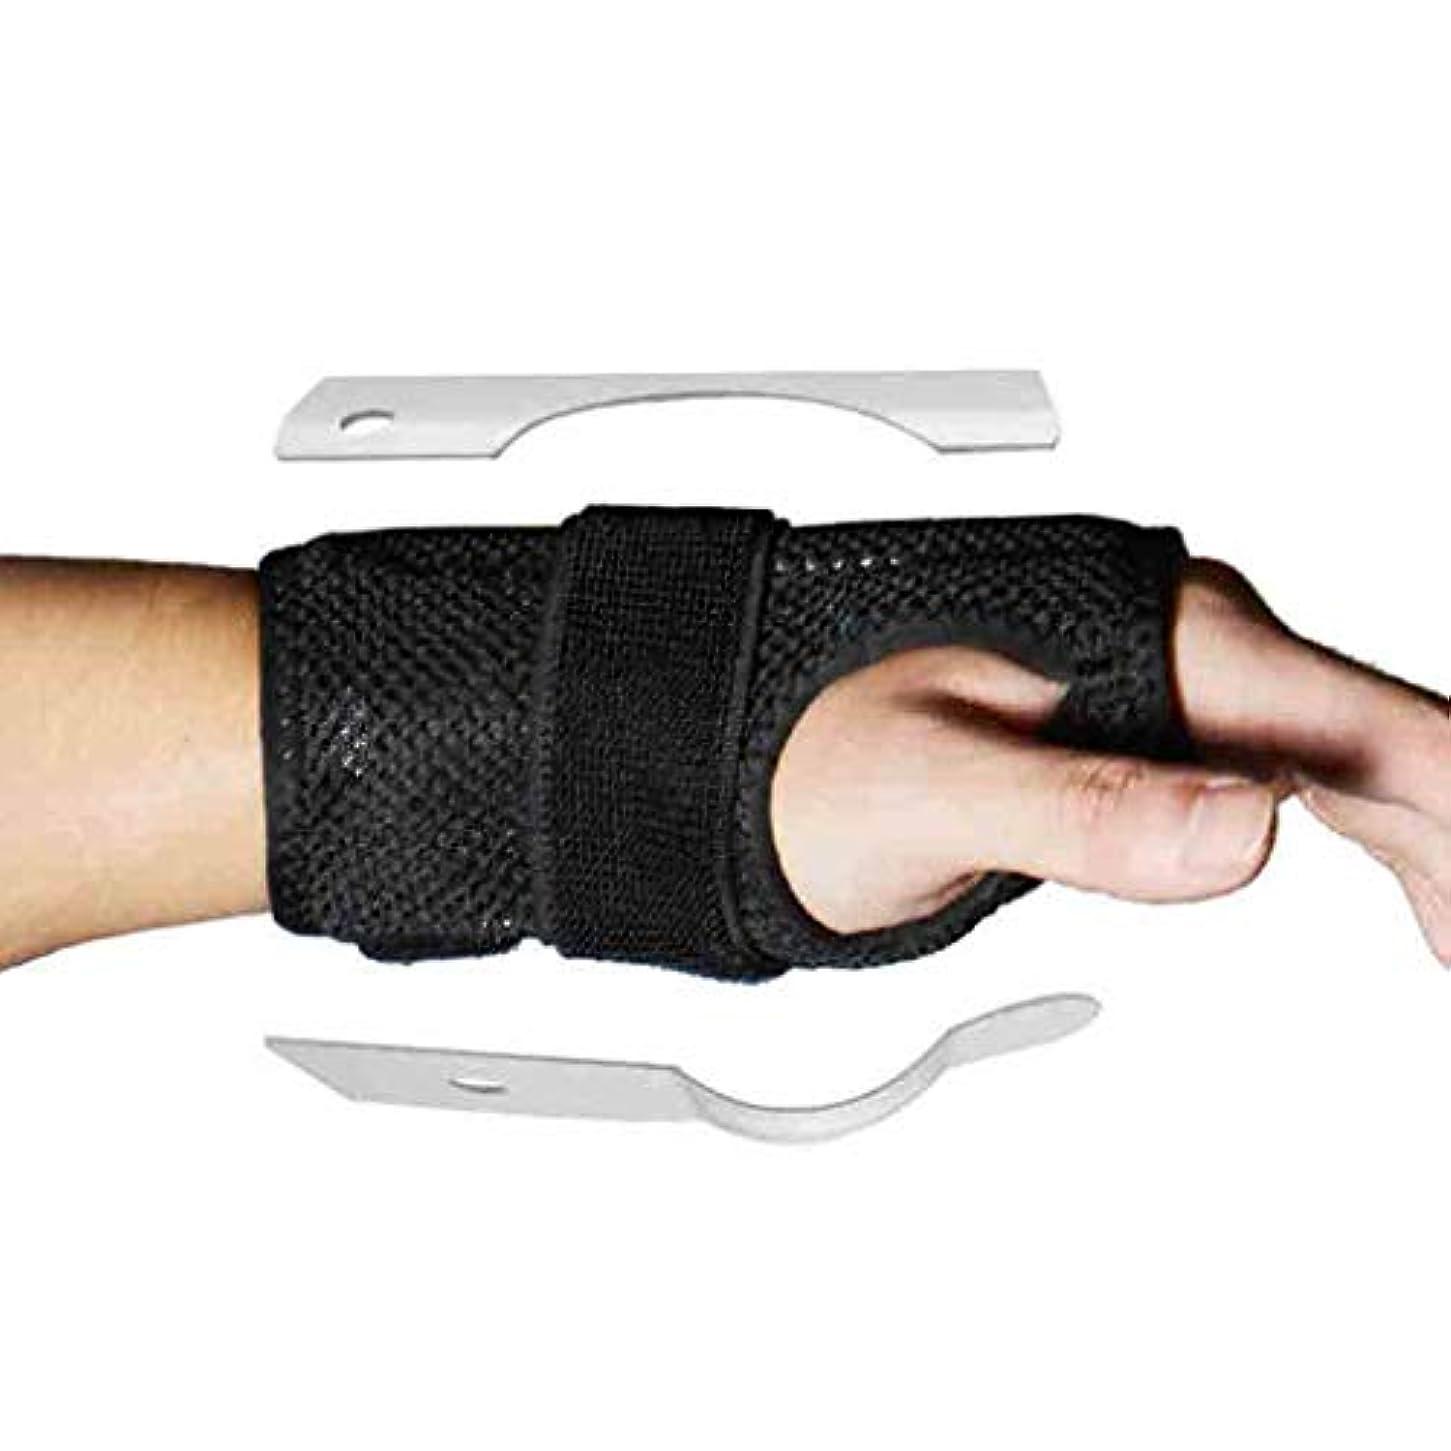 トリガーのための親指のスプリント親指の通気性のファブリック手首の親指腱鞘炎脳手根管症候群のためのリストバンドスプリントママの親指ブレース関節炎 Roscloud@